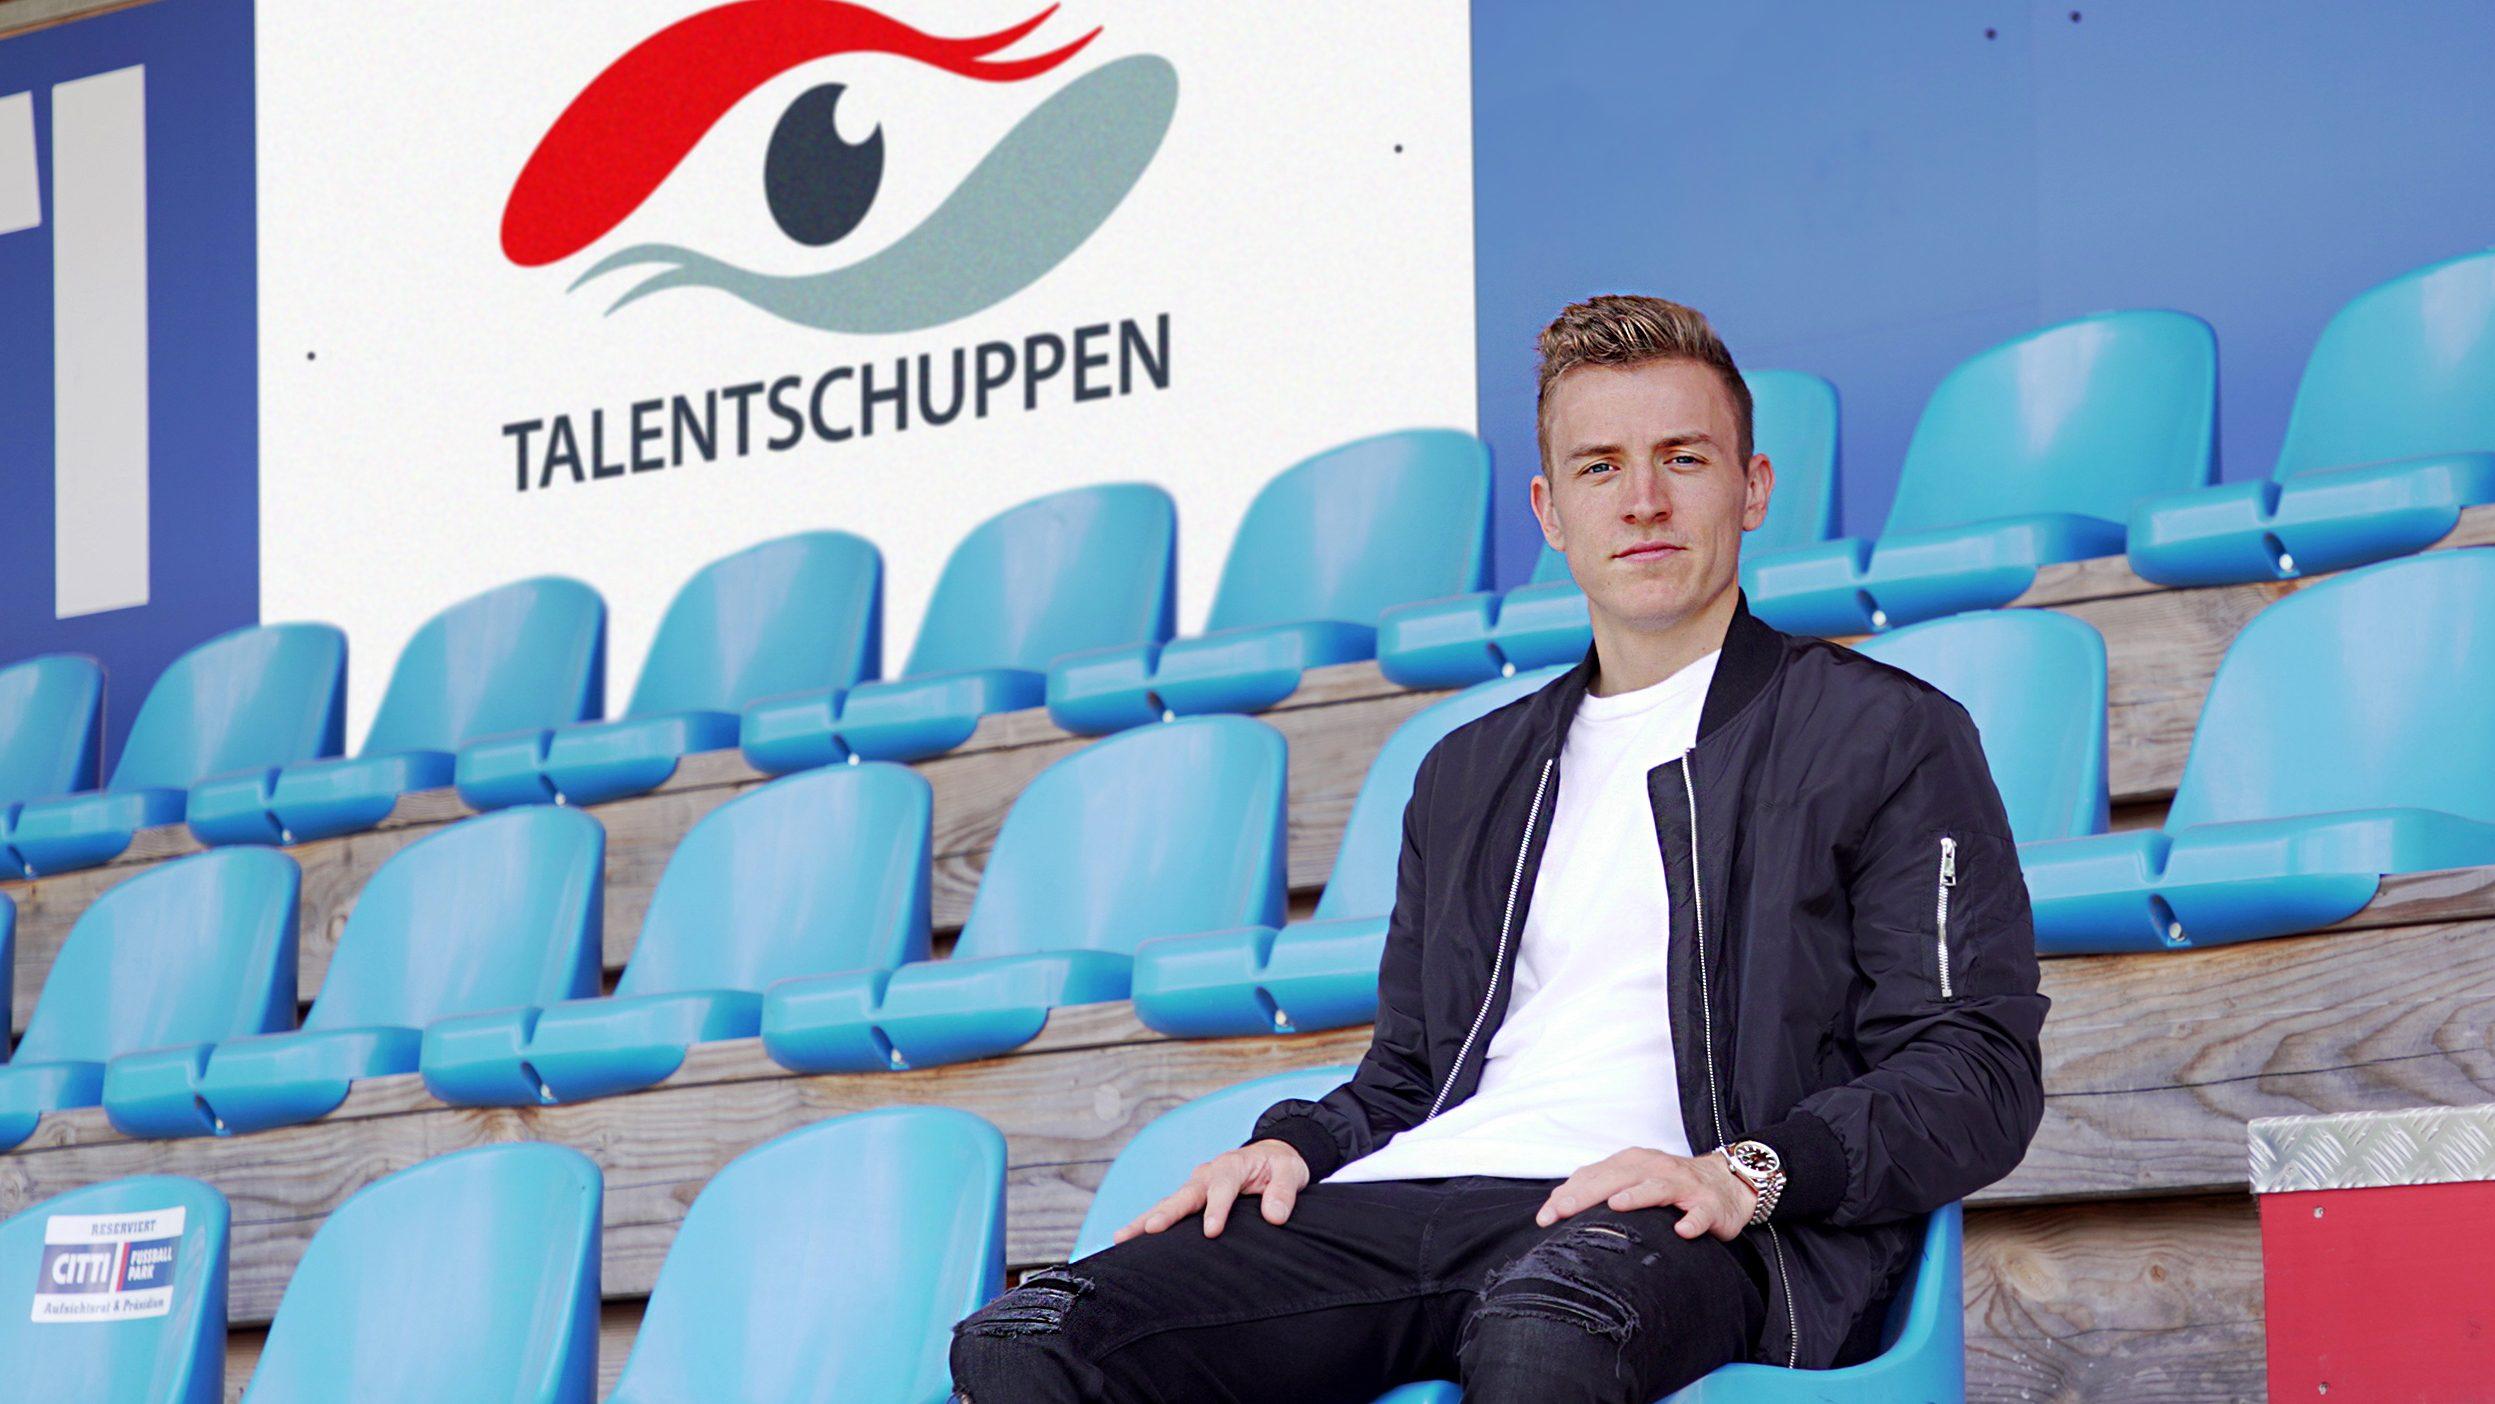 Niklas Hauptmann kommt zur KSV. Präsentiert von Talentschuppen